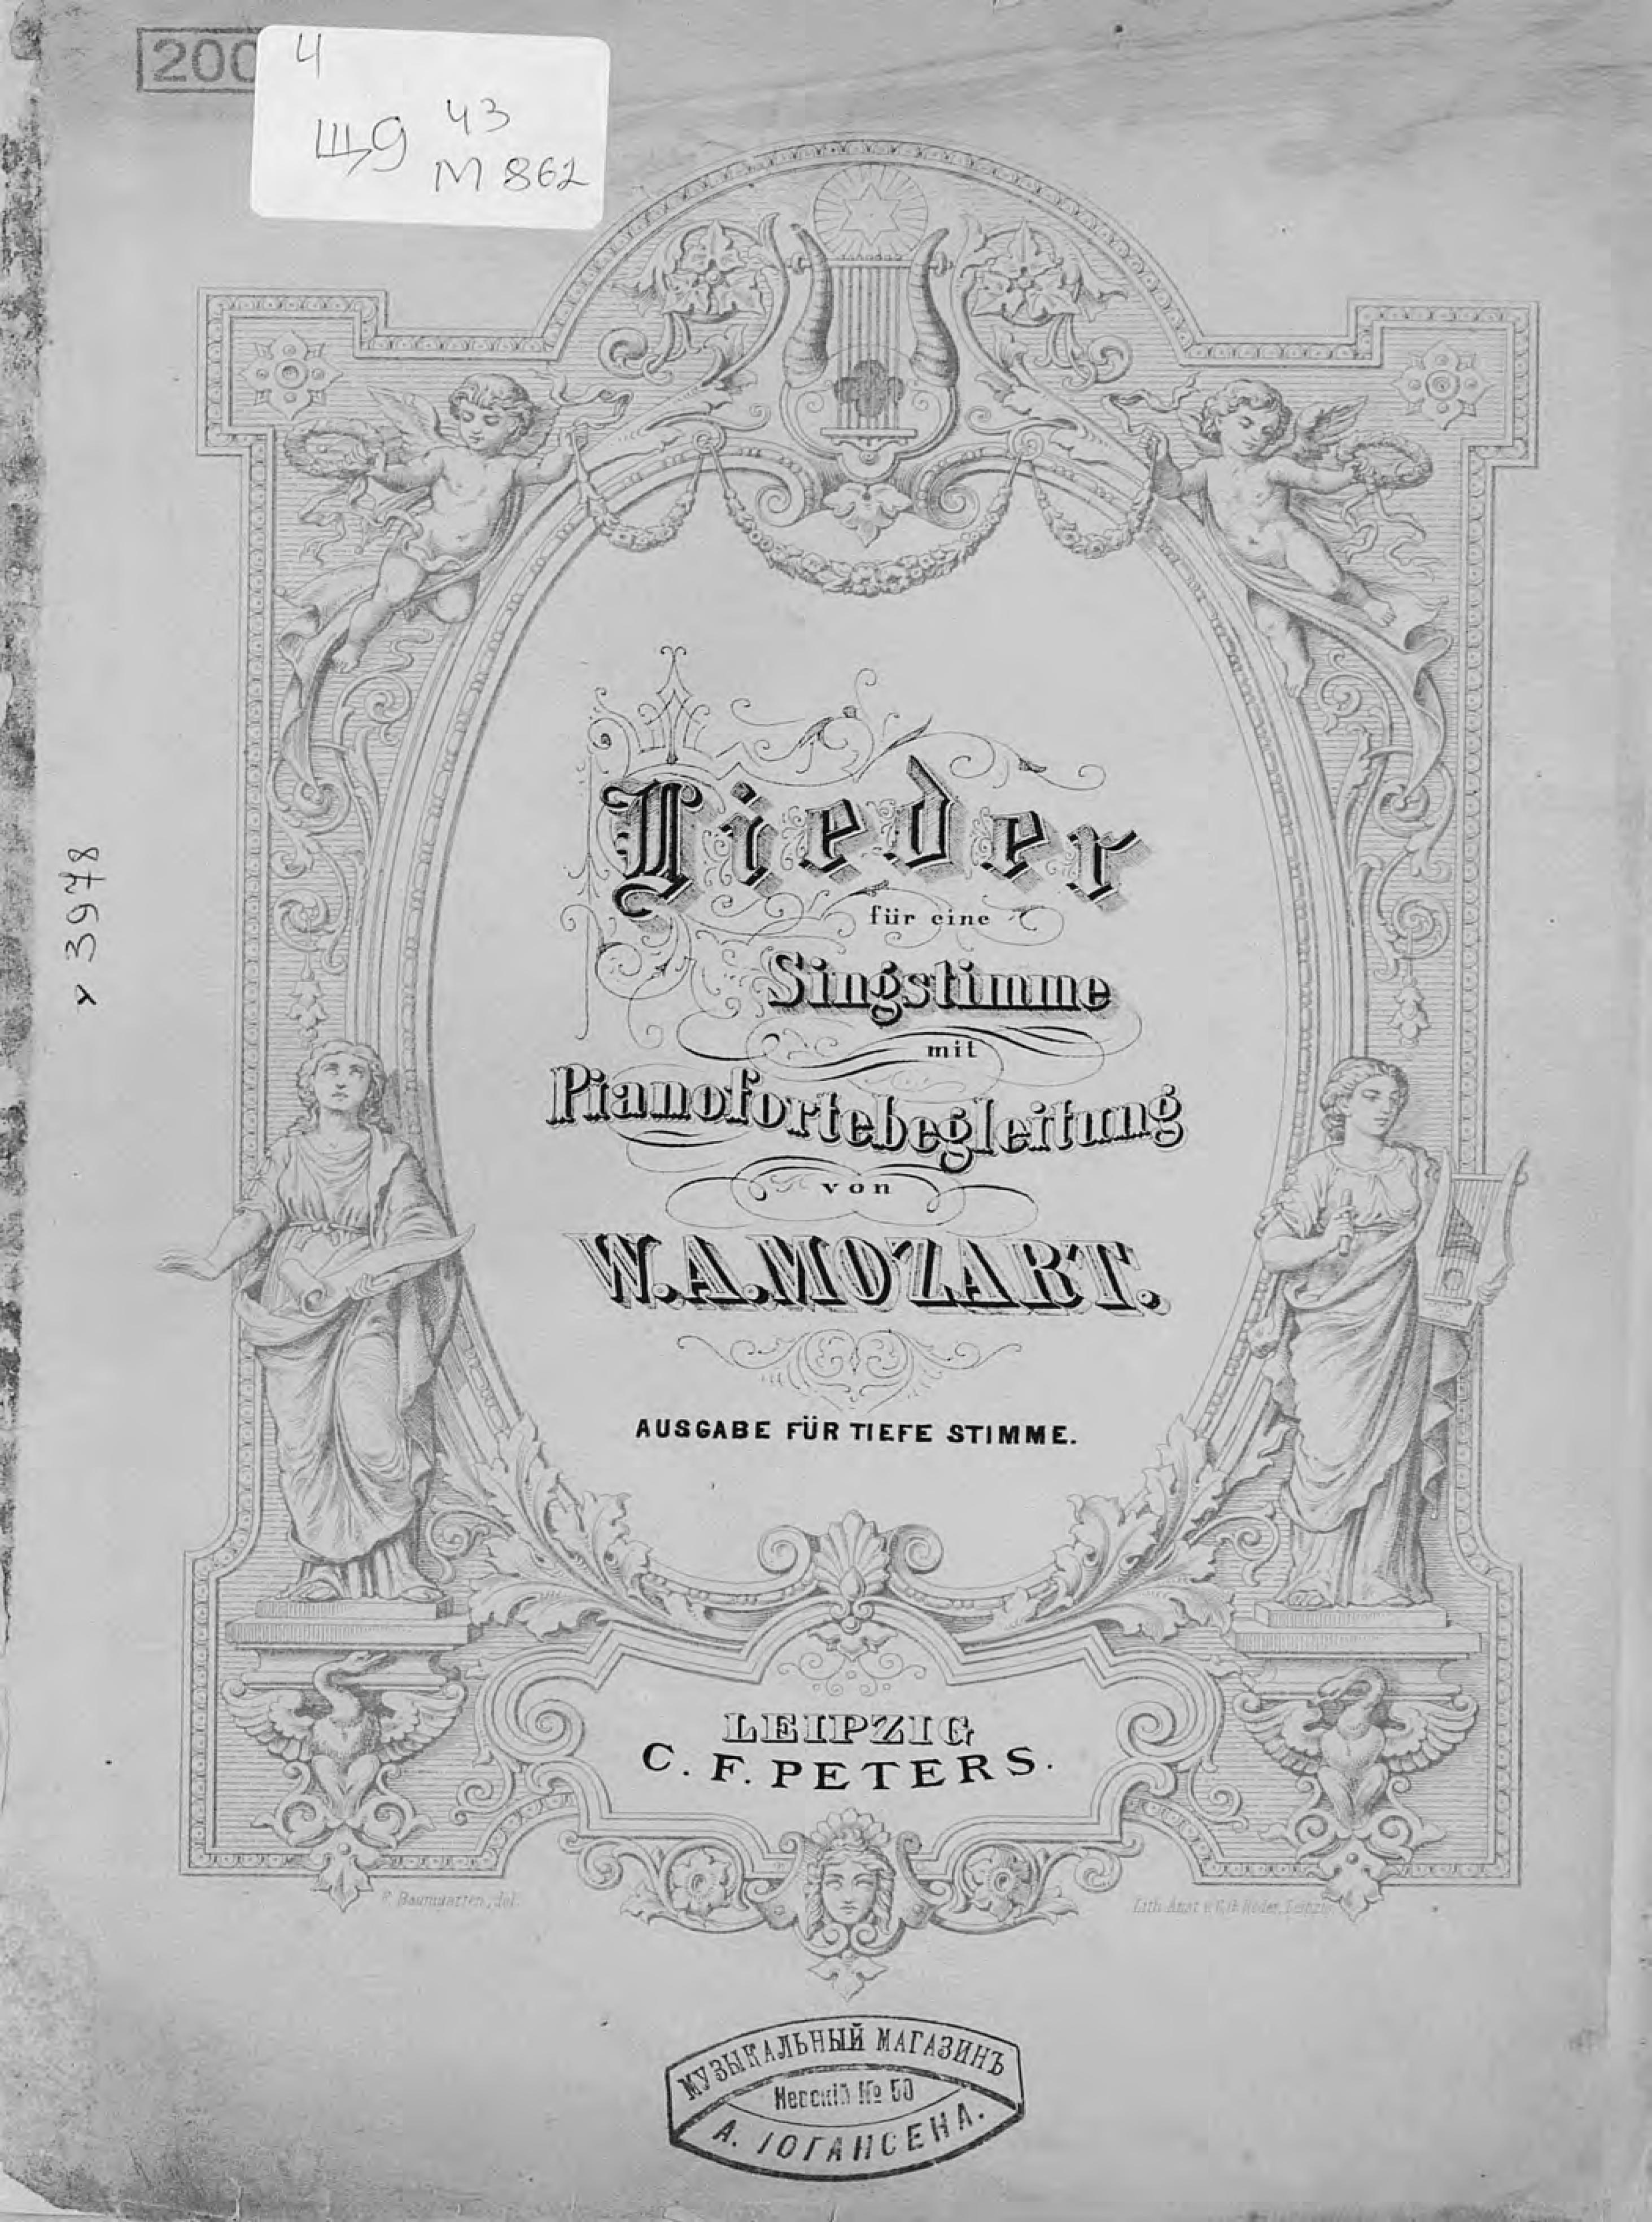 Вольфганг Амадей Моцарт Lieder fur eine Singstimme mit Pianofortebegleitung